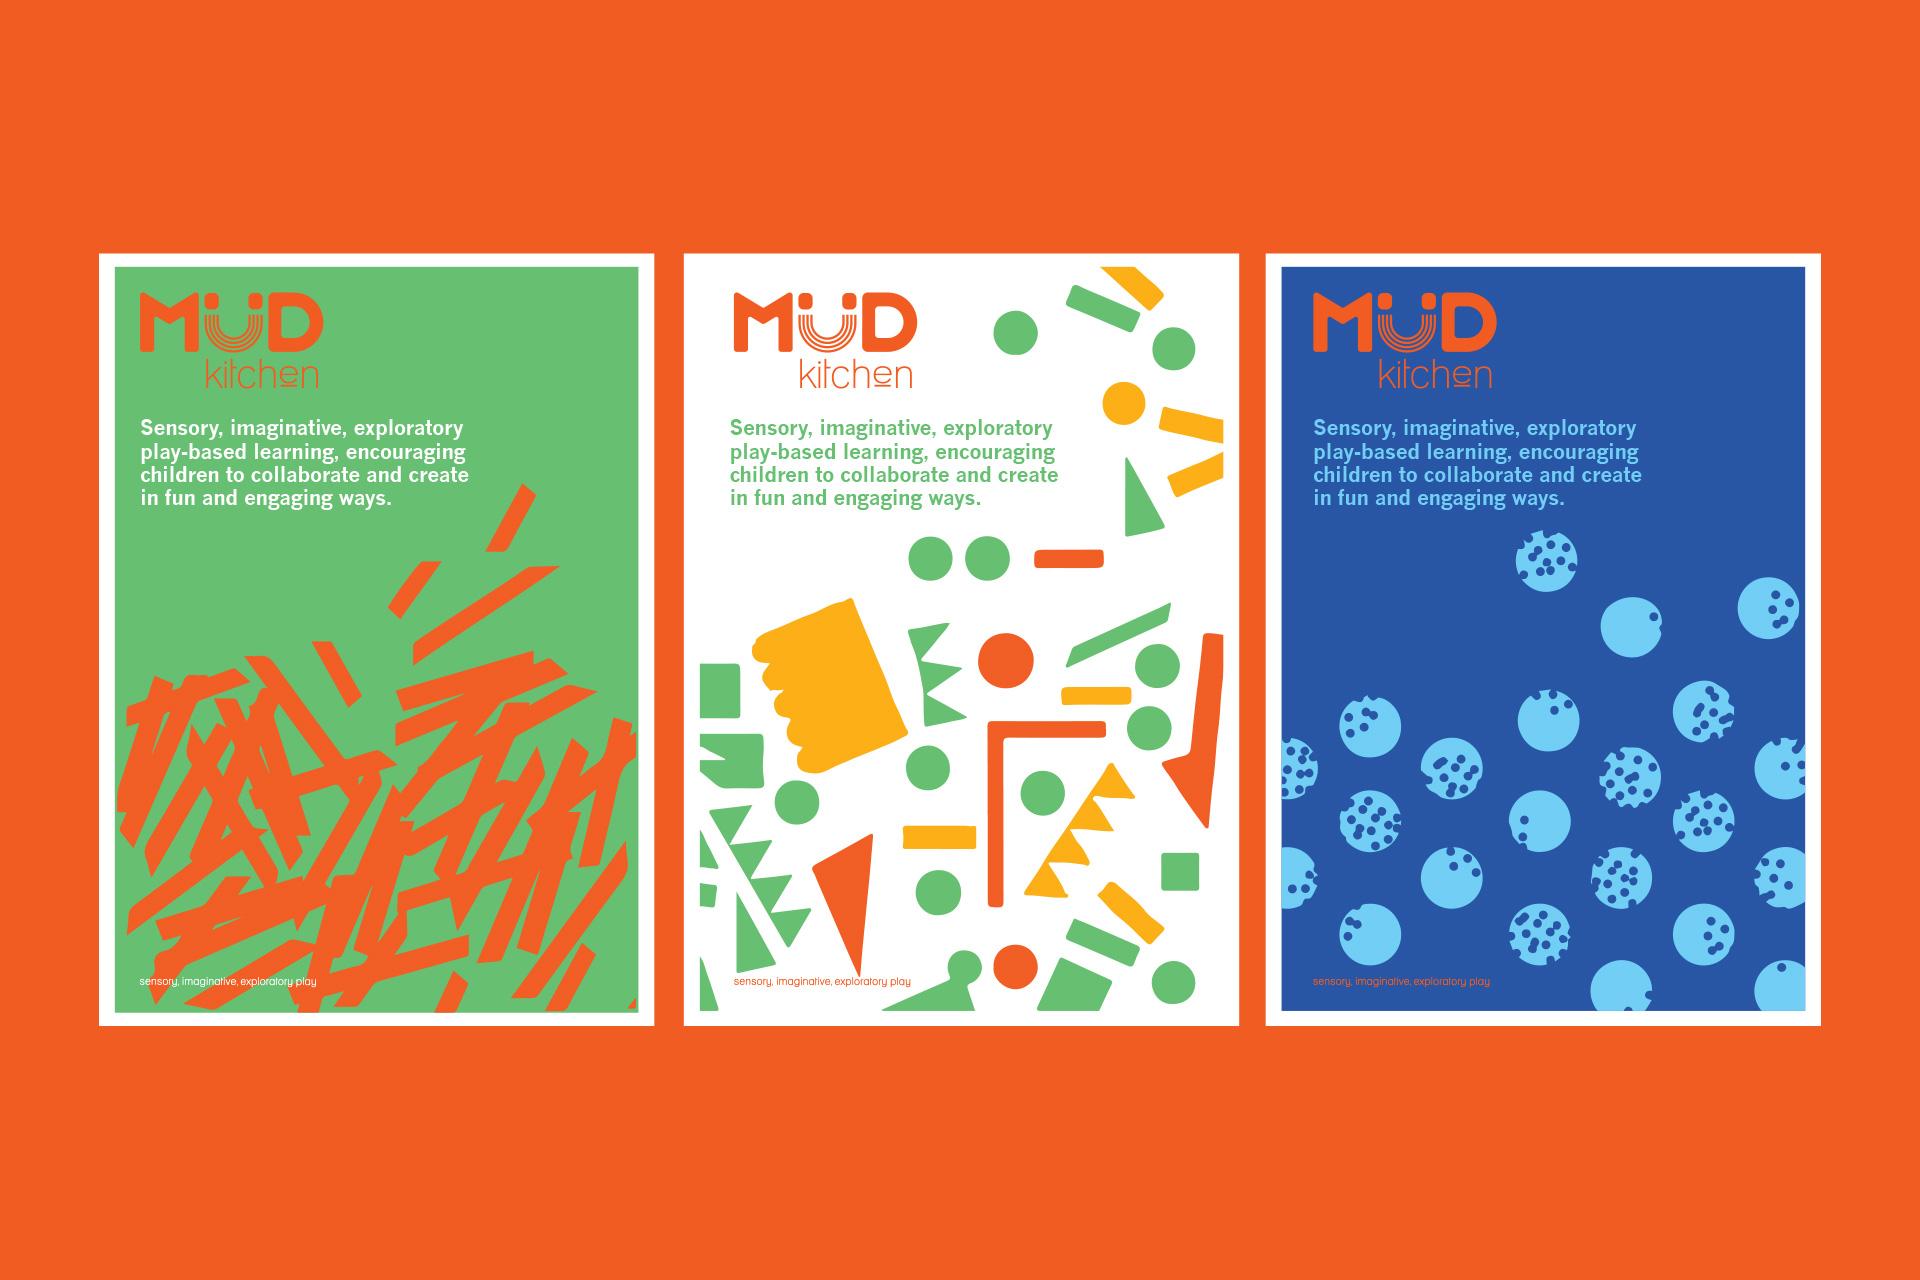 mud-kitchen-d